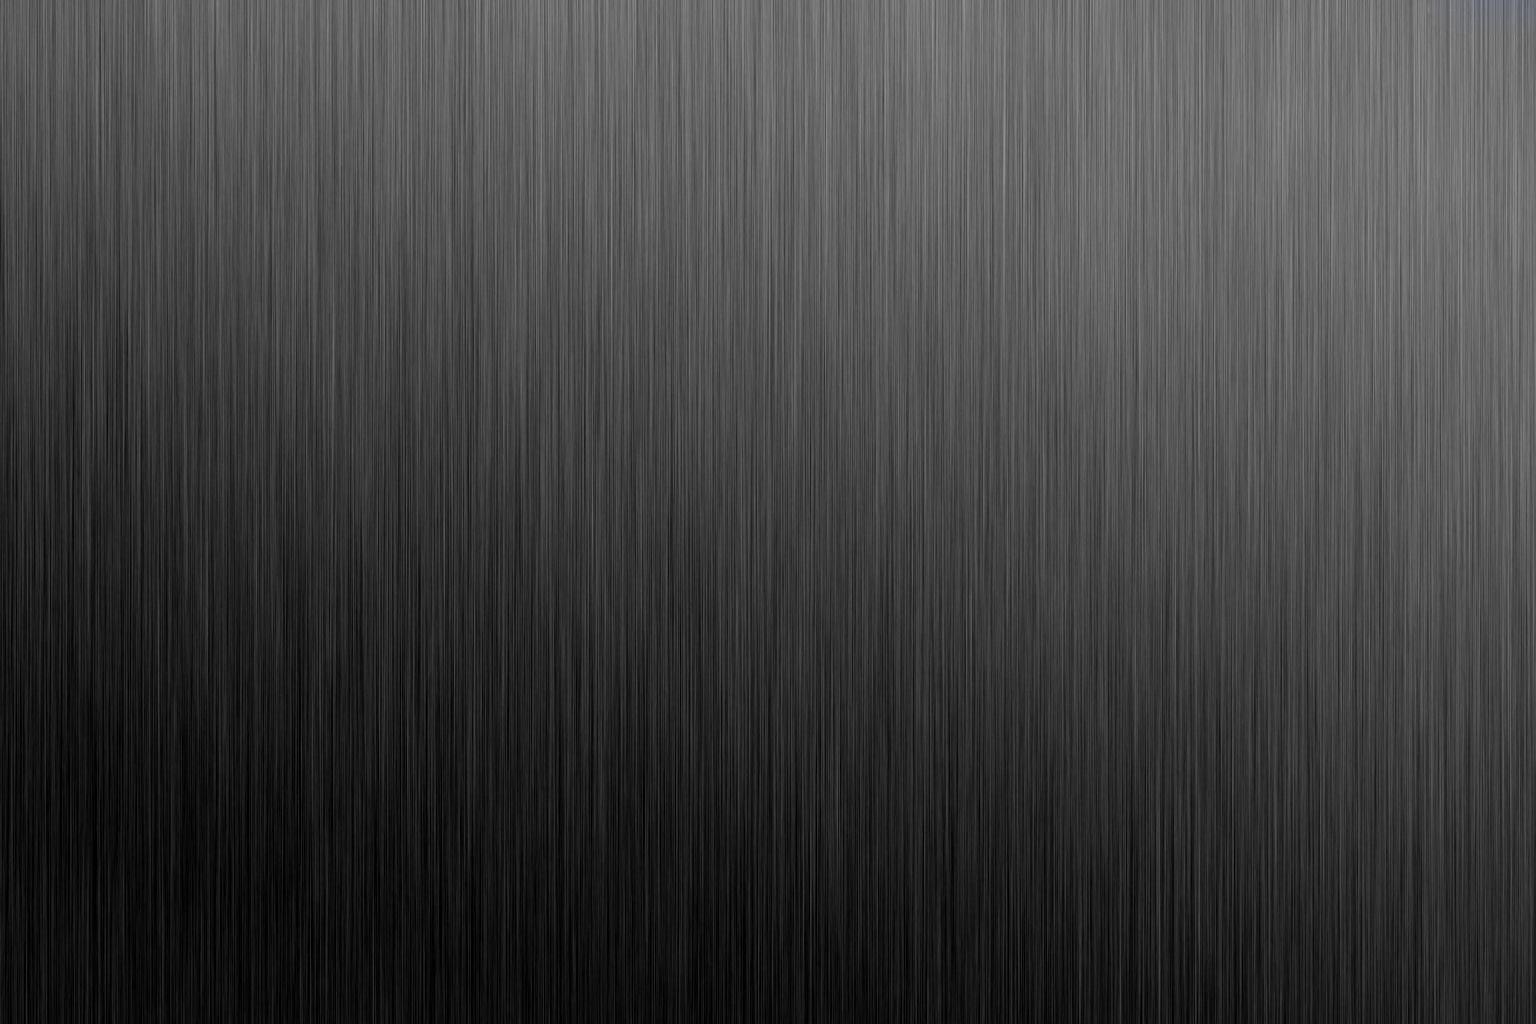 black metal wallpaper, скачать фото, обои для рабочего стола, железо